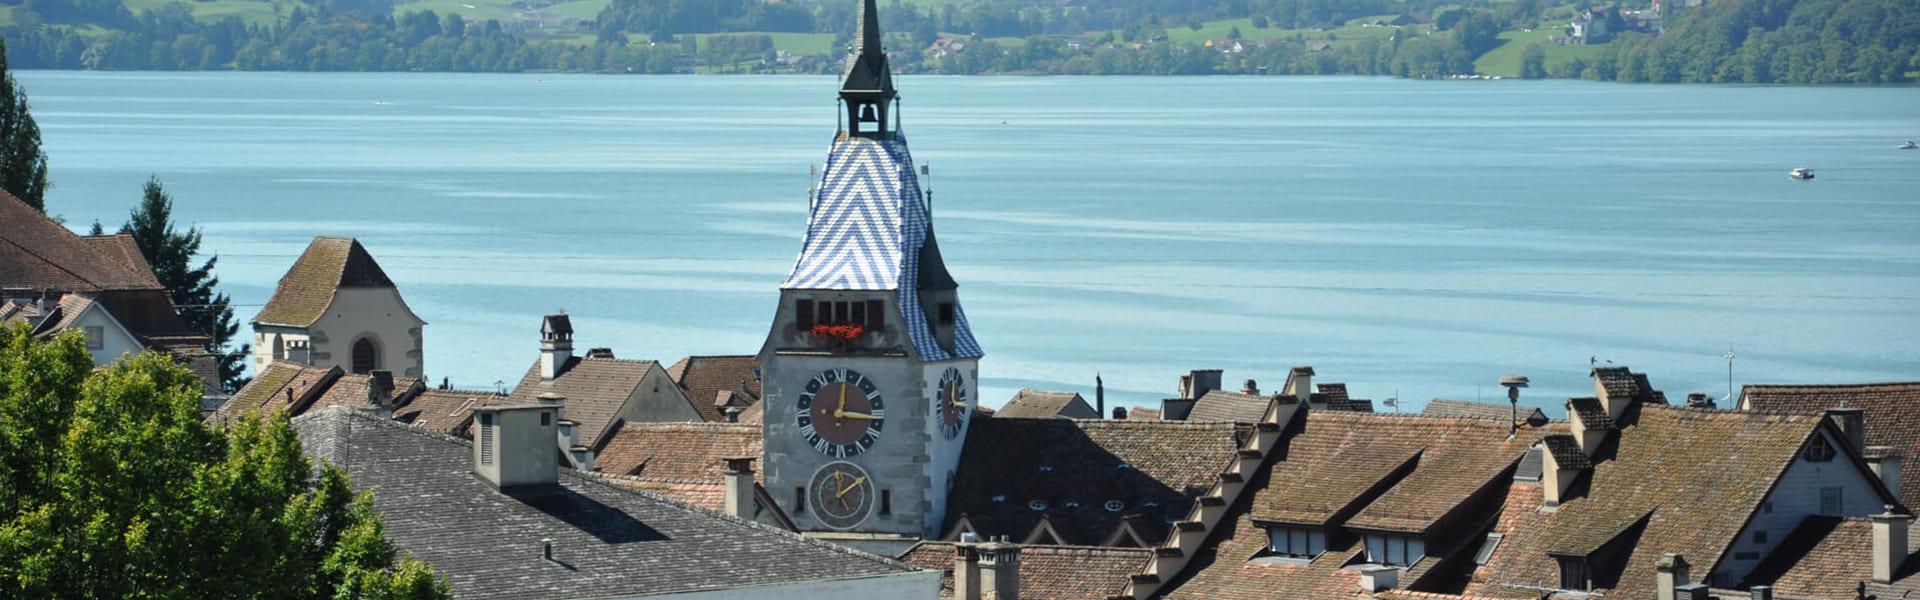 sede nielsen svizzera